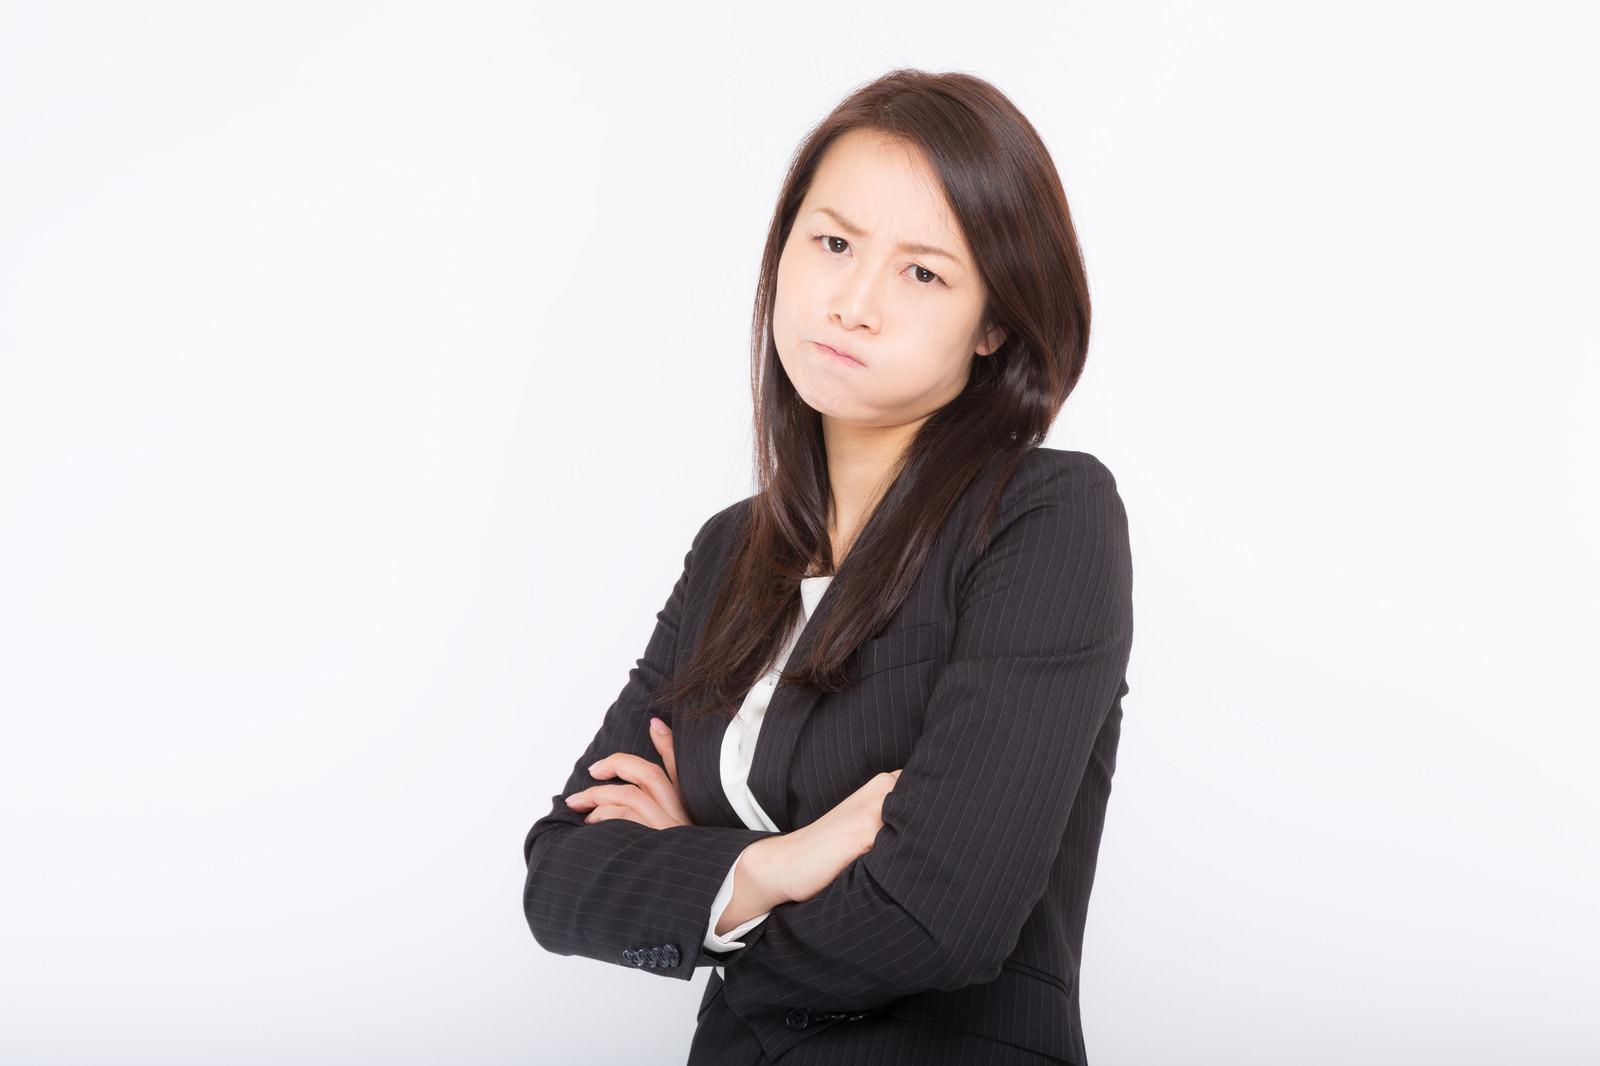 「怒っているプンプン顔の女性怒っているプンプン顔の女性」[モデル:土本寛子]のフリー写真素材を拡大